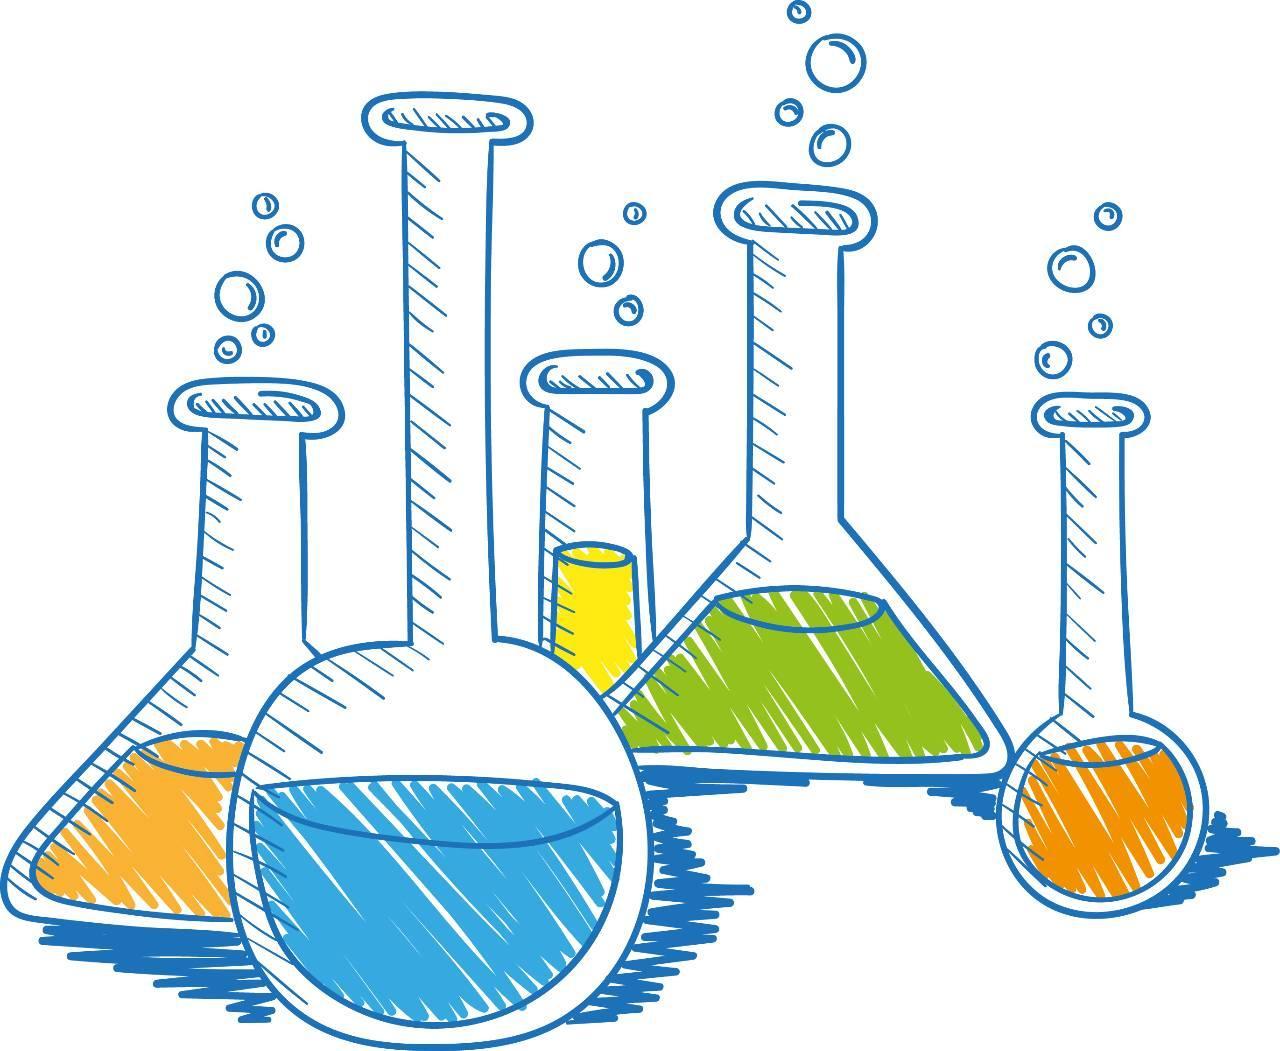 澳洲化学工程专业各大高校申请条件汇总